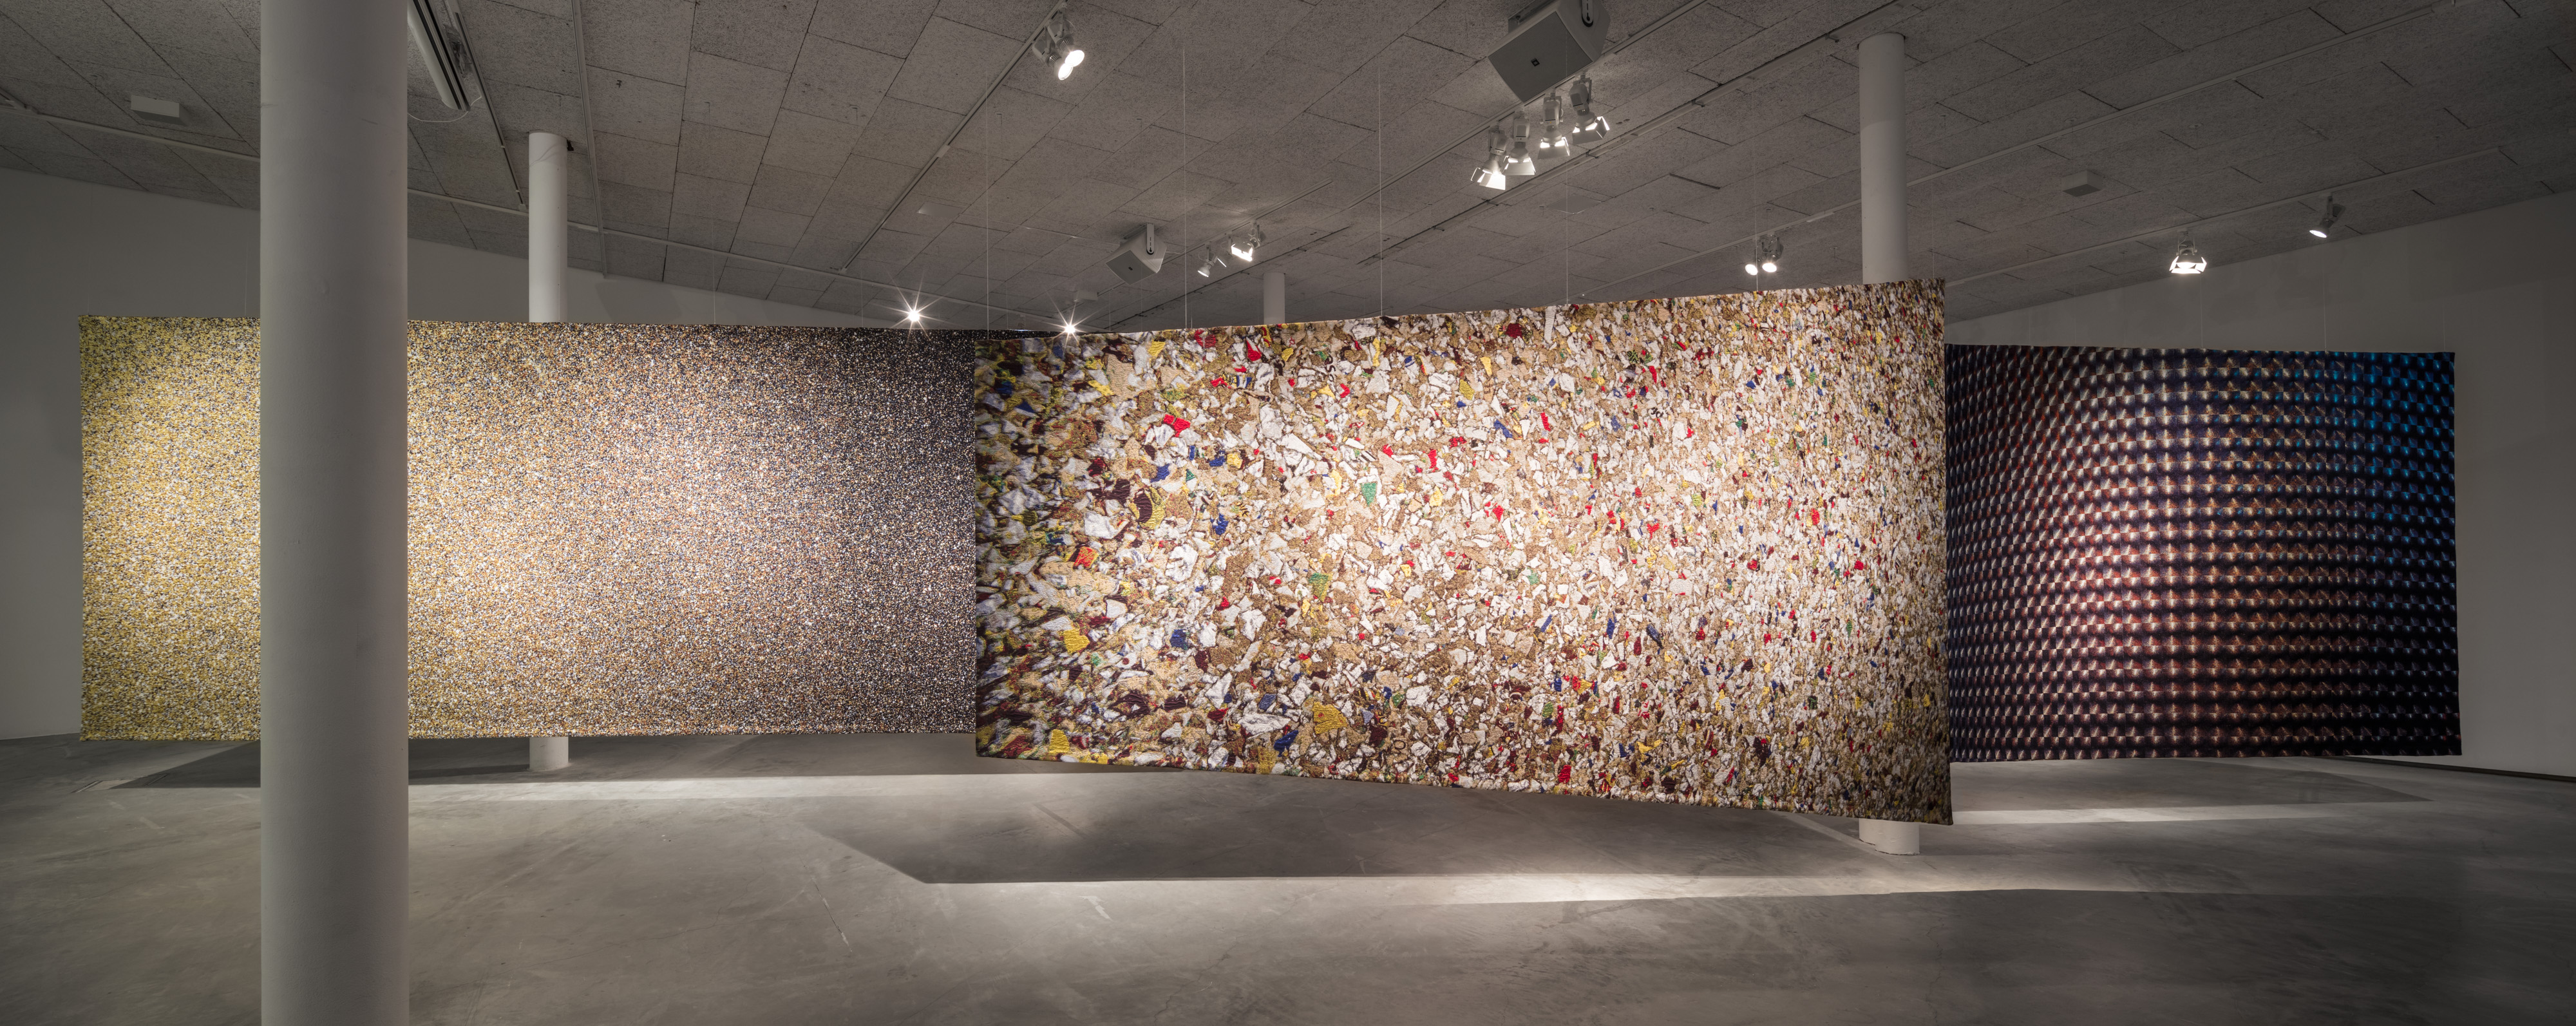 Miriam Bäckström, New Enter Image, utställningsbild 2017-2018. Foto: Jean-Baptiste Béranger